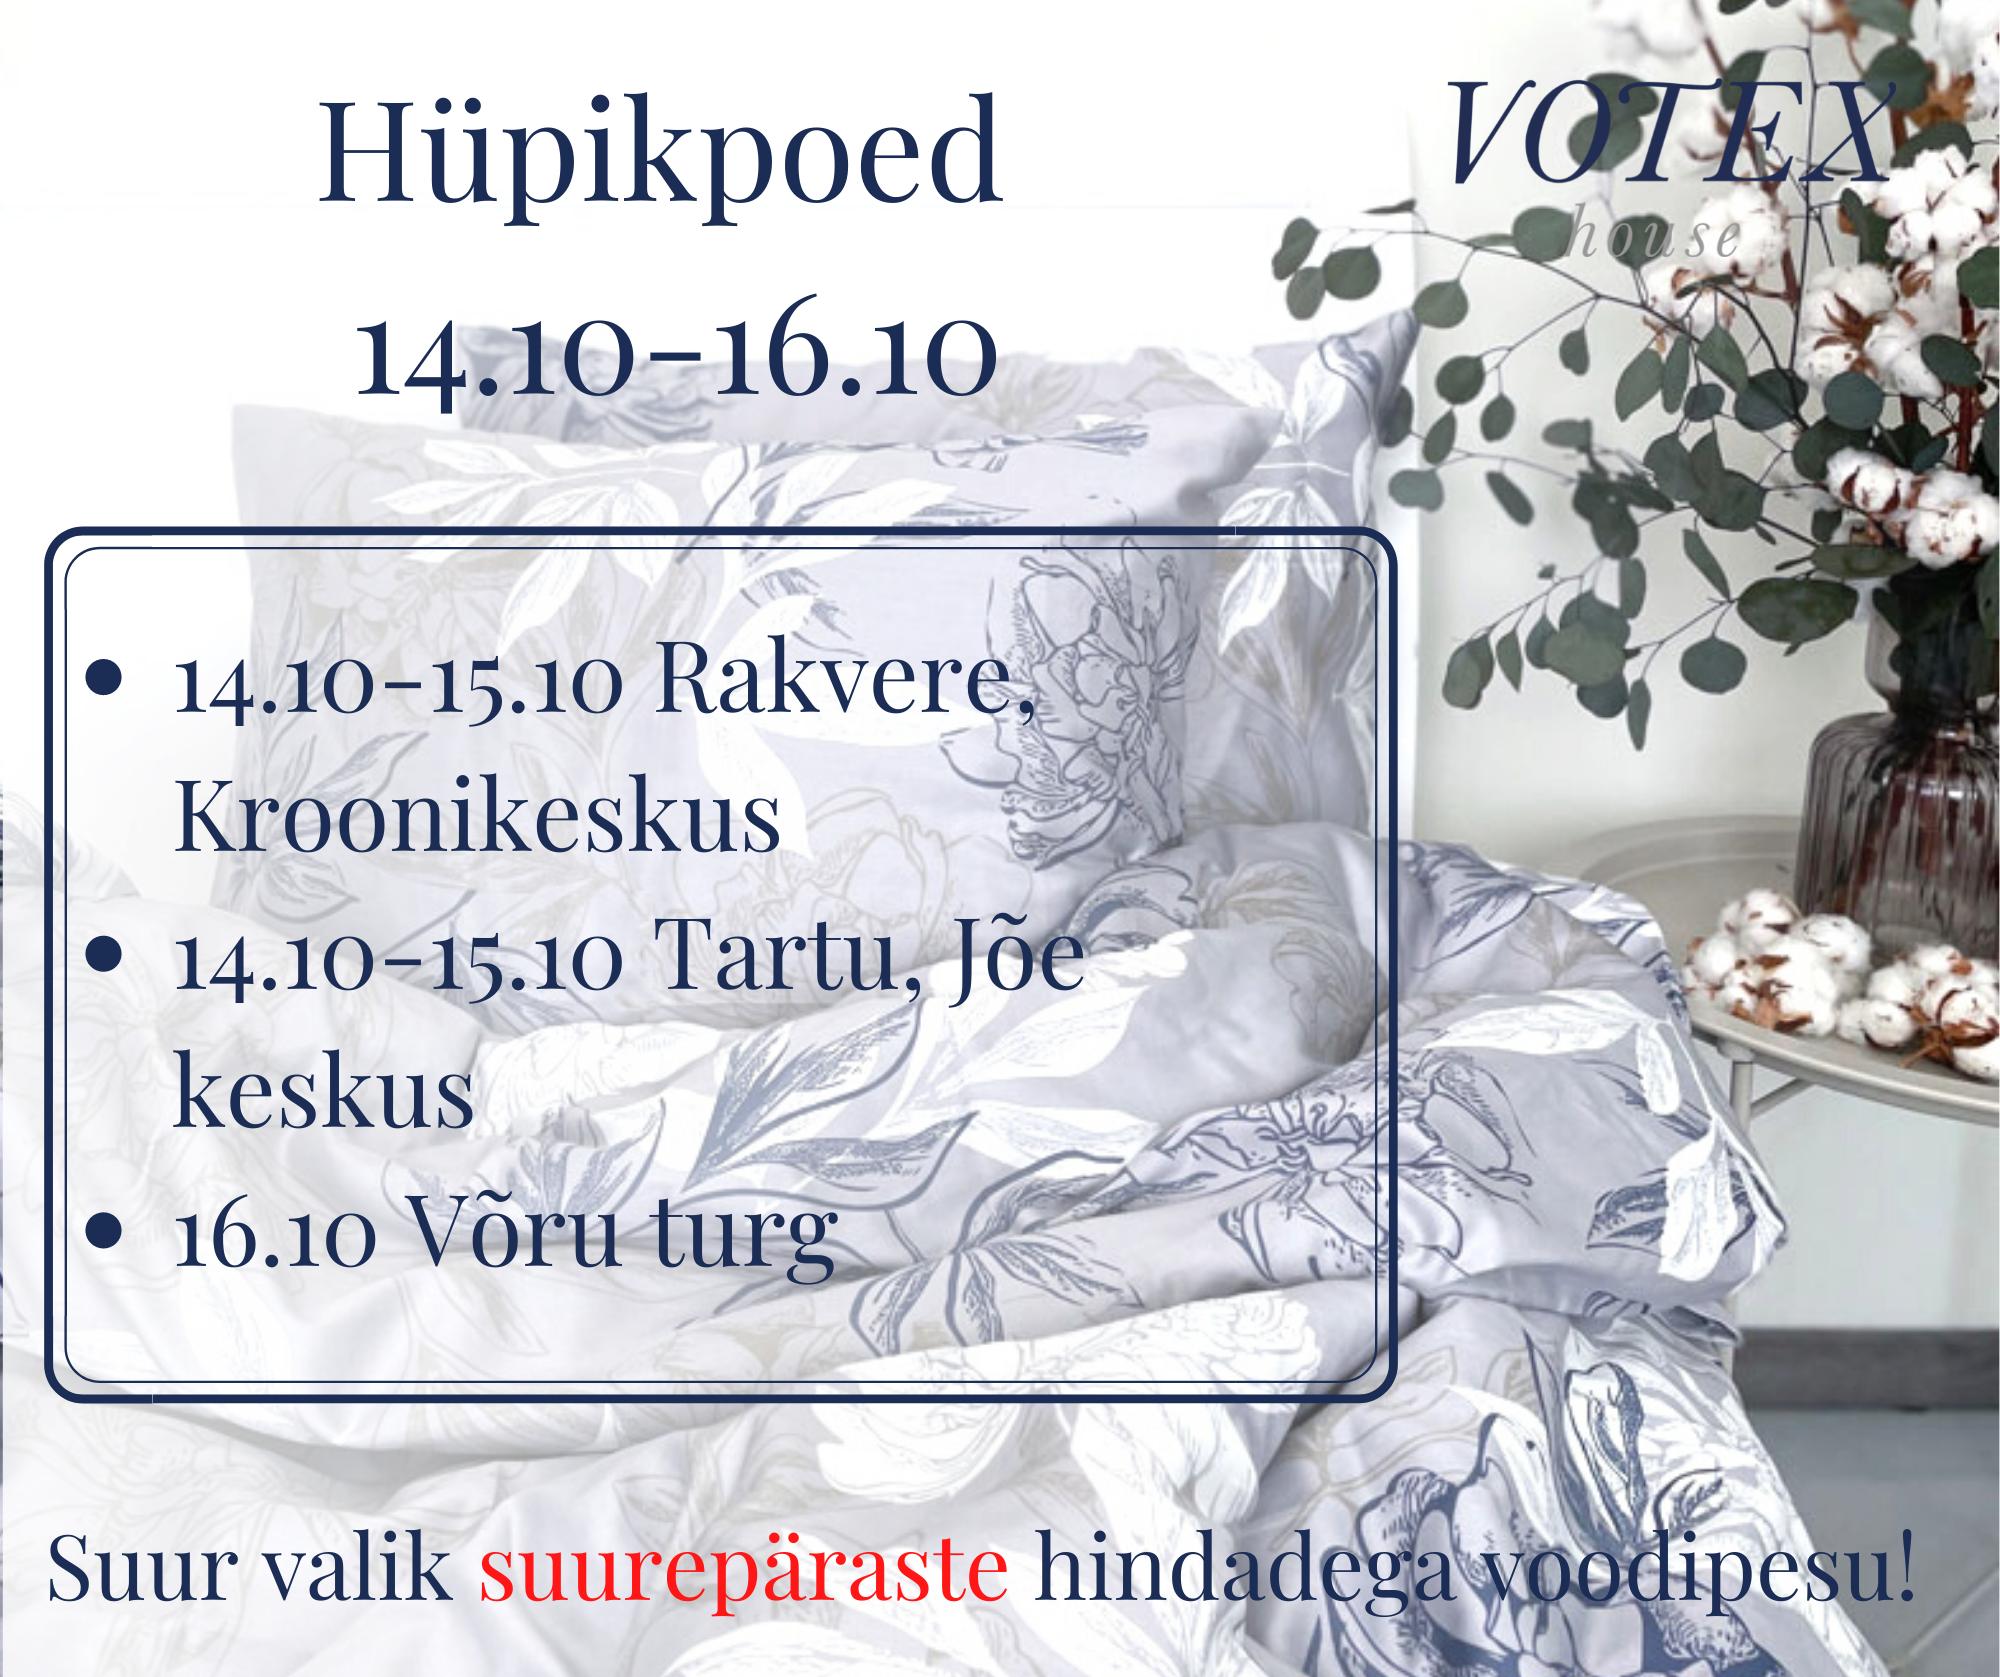 Hüpikpoed 14.10-16.10